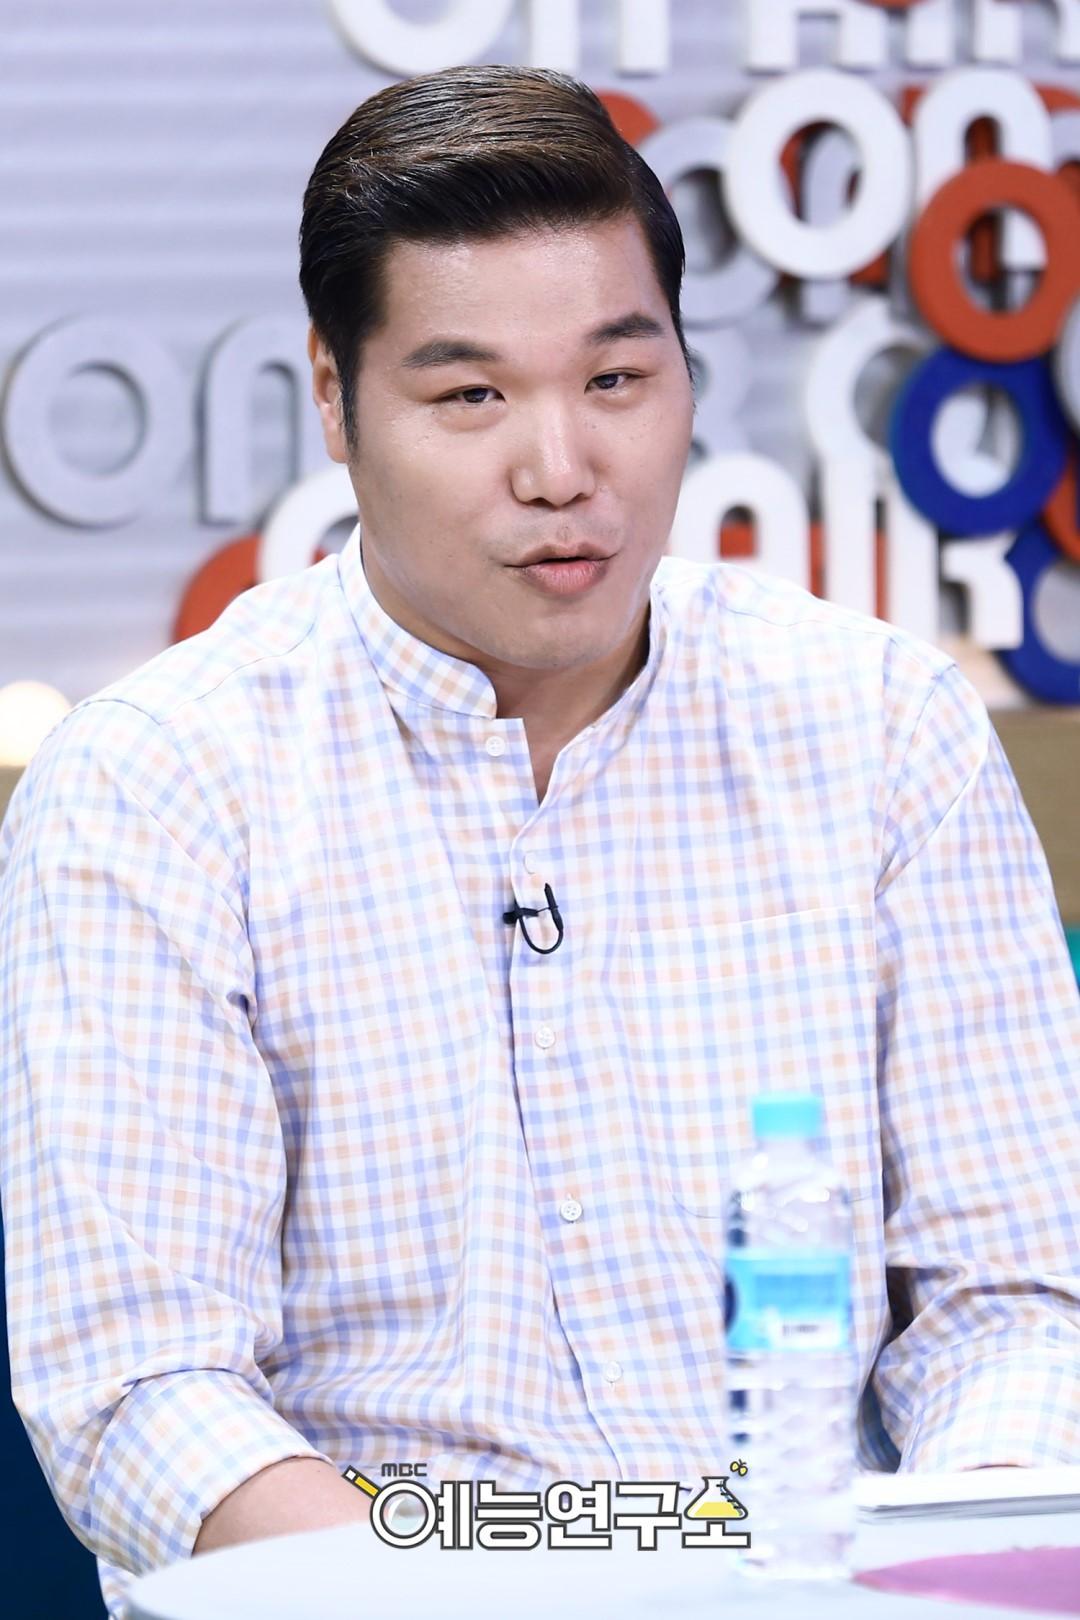 Với khối tài sản nghìn tỉ, Jeon Ji Hyun chễm chệ trong Top 10 đại gia bất động sản năm 2017 giữa 2 ông lớn showbiz - Ảnh 13.